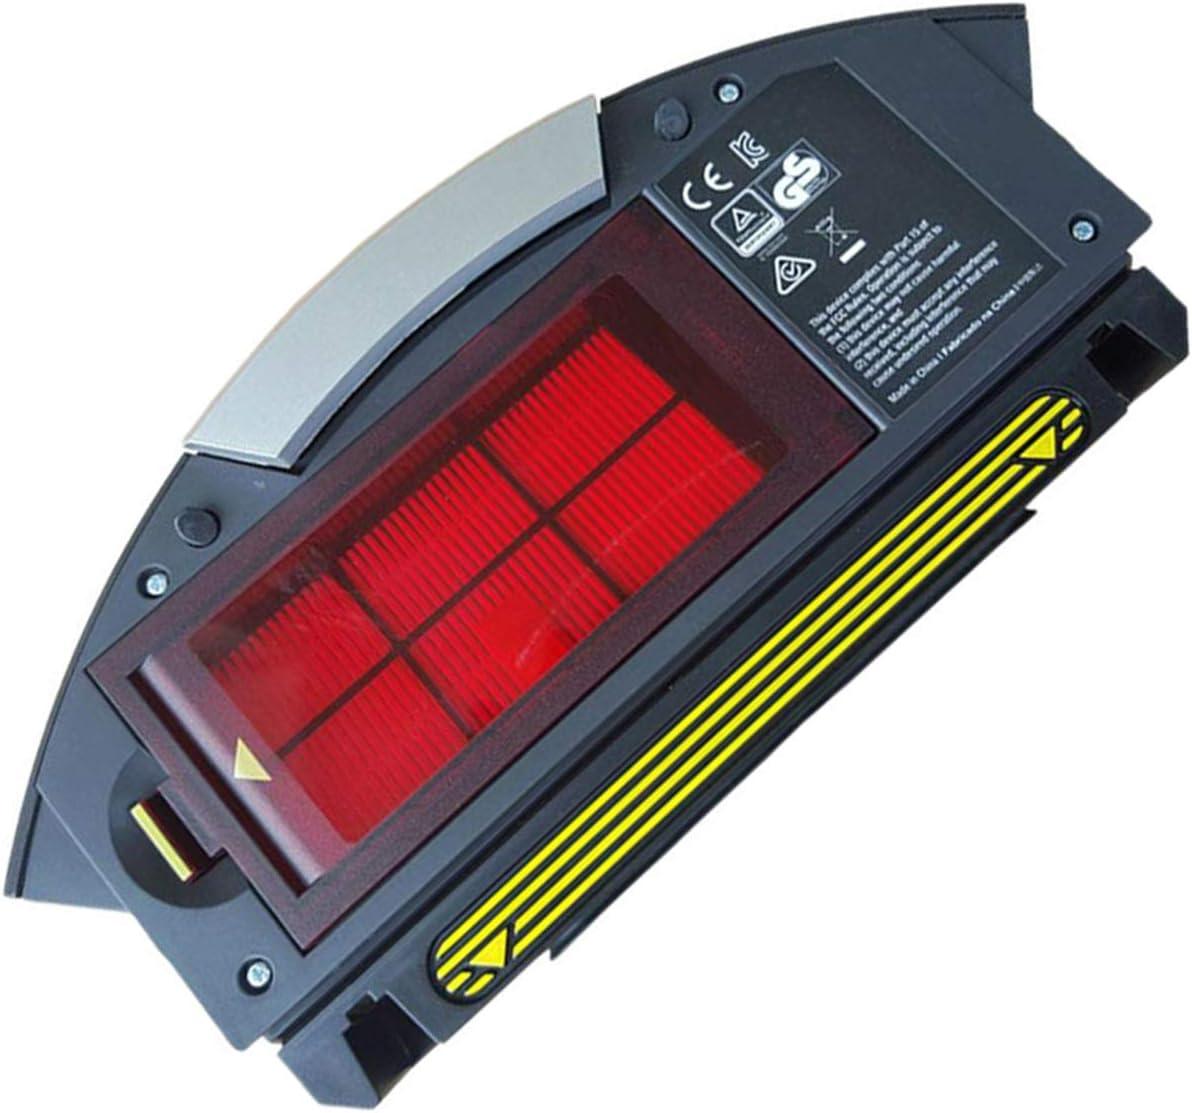 LICHIFIT Caja de Recogida de Polvo con Filtro Hepa para aspiradora iRobot Roomba 800 900 Series 870 860 880 960 980 Robot: Amazon.es: Hogar